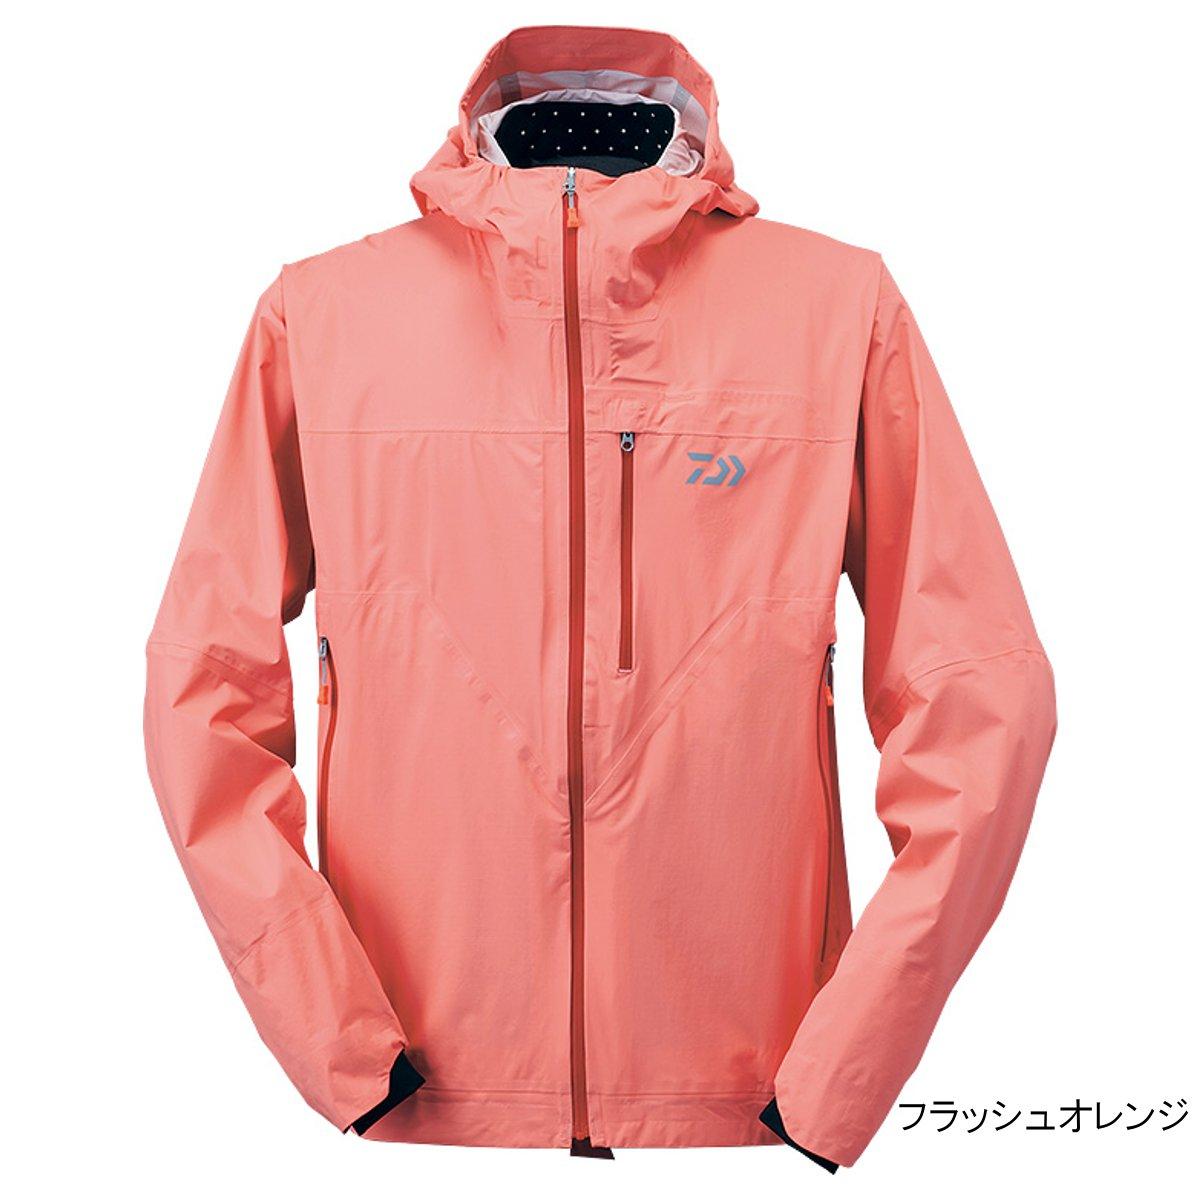 ダイワ レインマックス ポケッタブルレインジャケット DR-32009J L フラッシュオレンジ【送料無料】